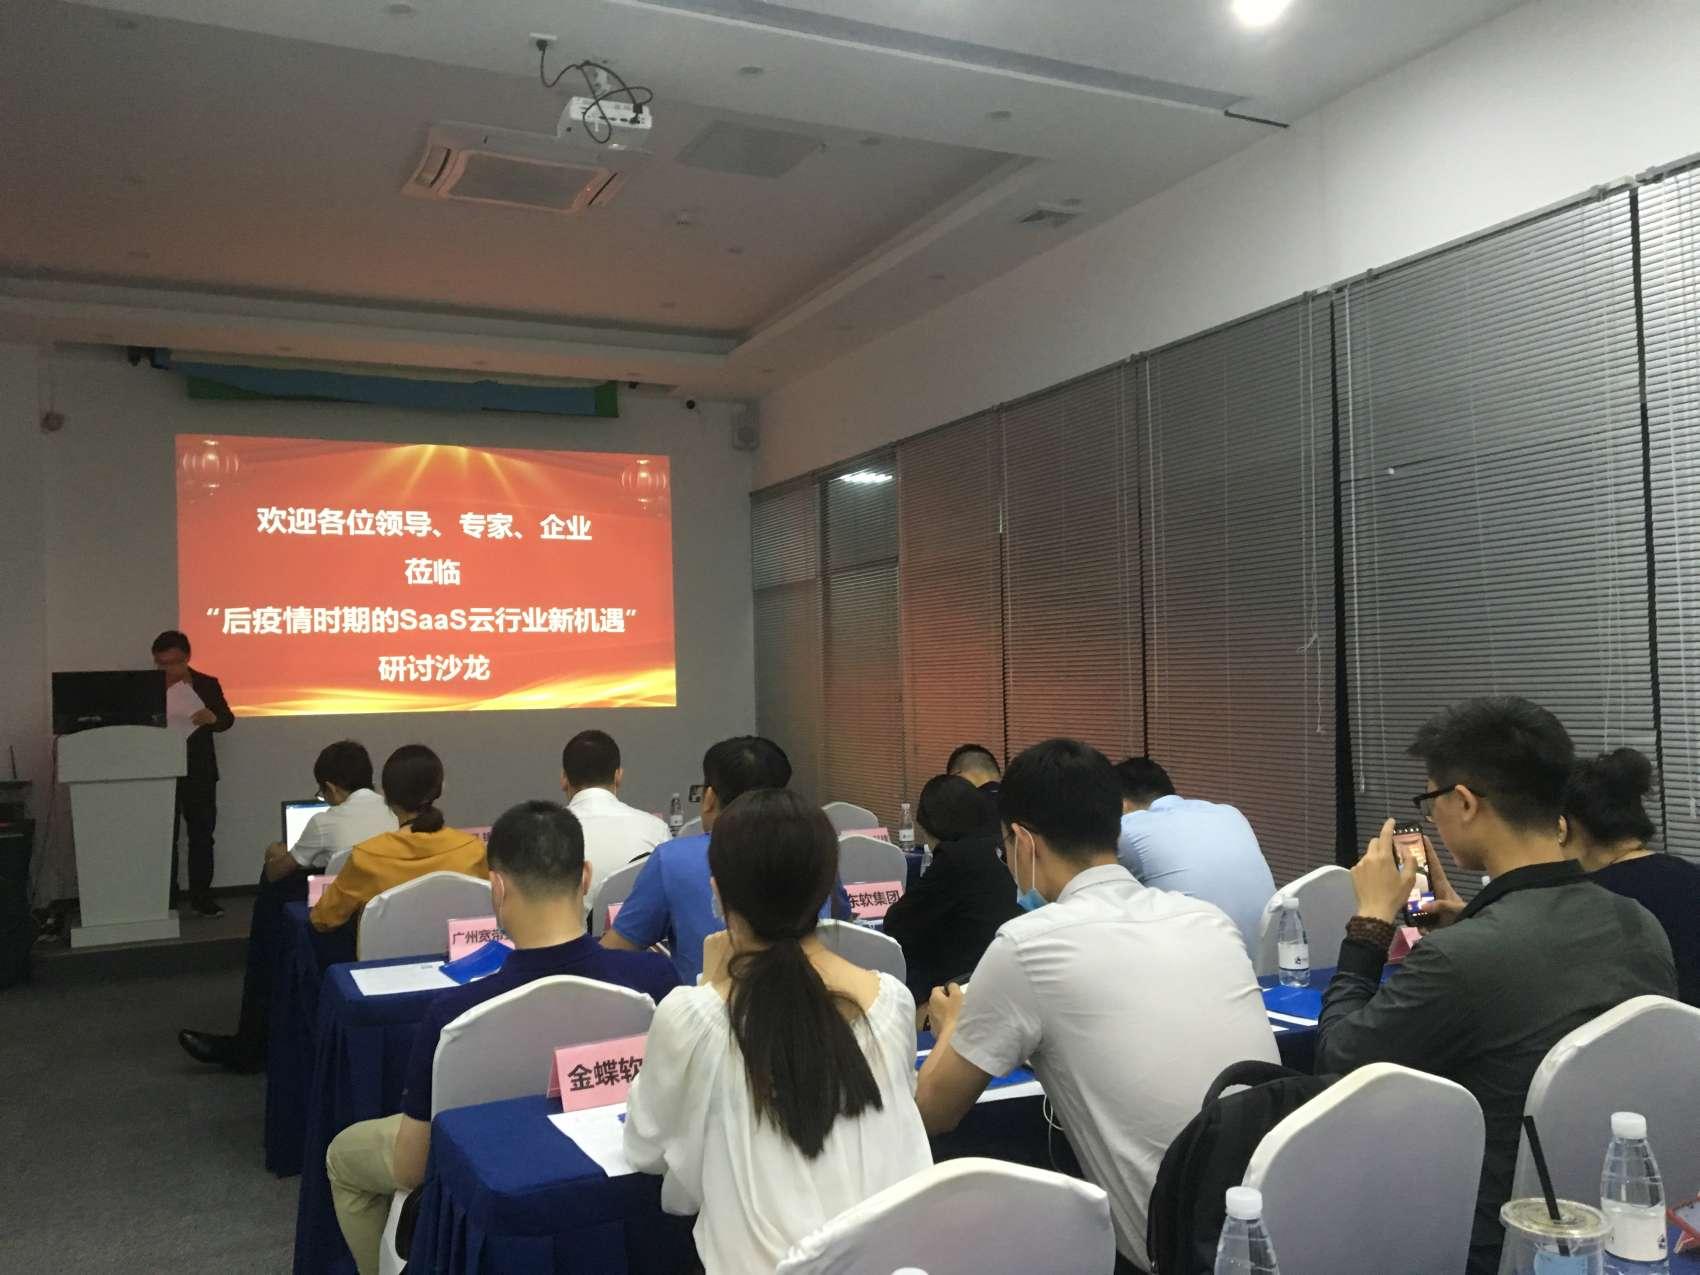 """凡科和广东省云计算协会联合举办的""""后疫情时期的SaaS云行业新机遇""""主题研讨沙龙"""